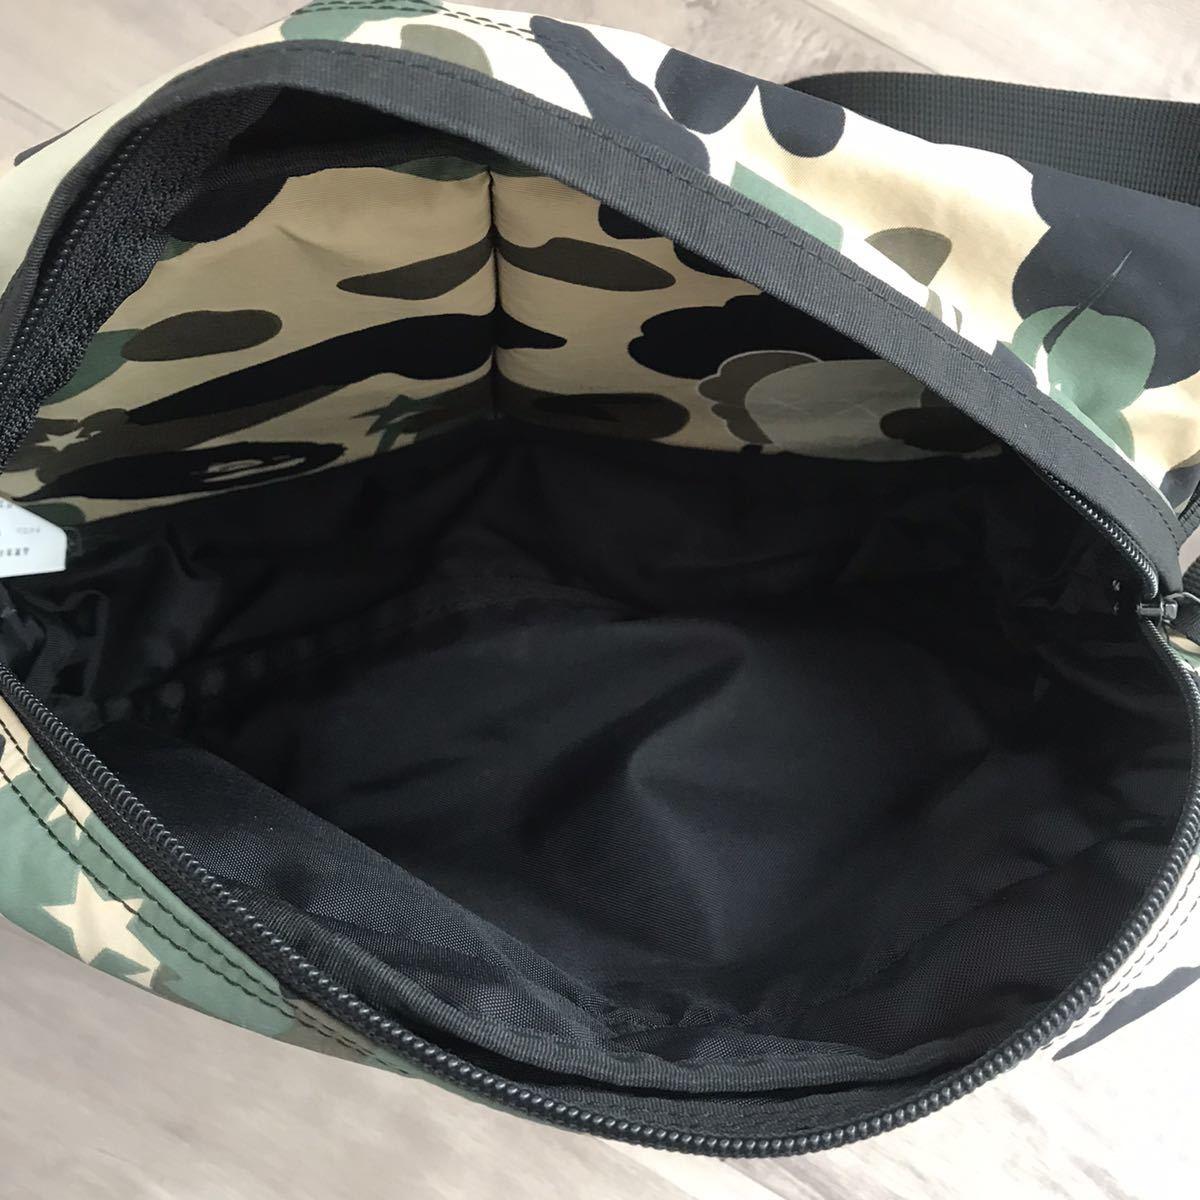 ★激レア★ kaws 1st camo ウエスト バッグ a bathing ape bape カウズ エイプ ベイプ アベイシングエイプ waist bag ウエストポーチ 3231